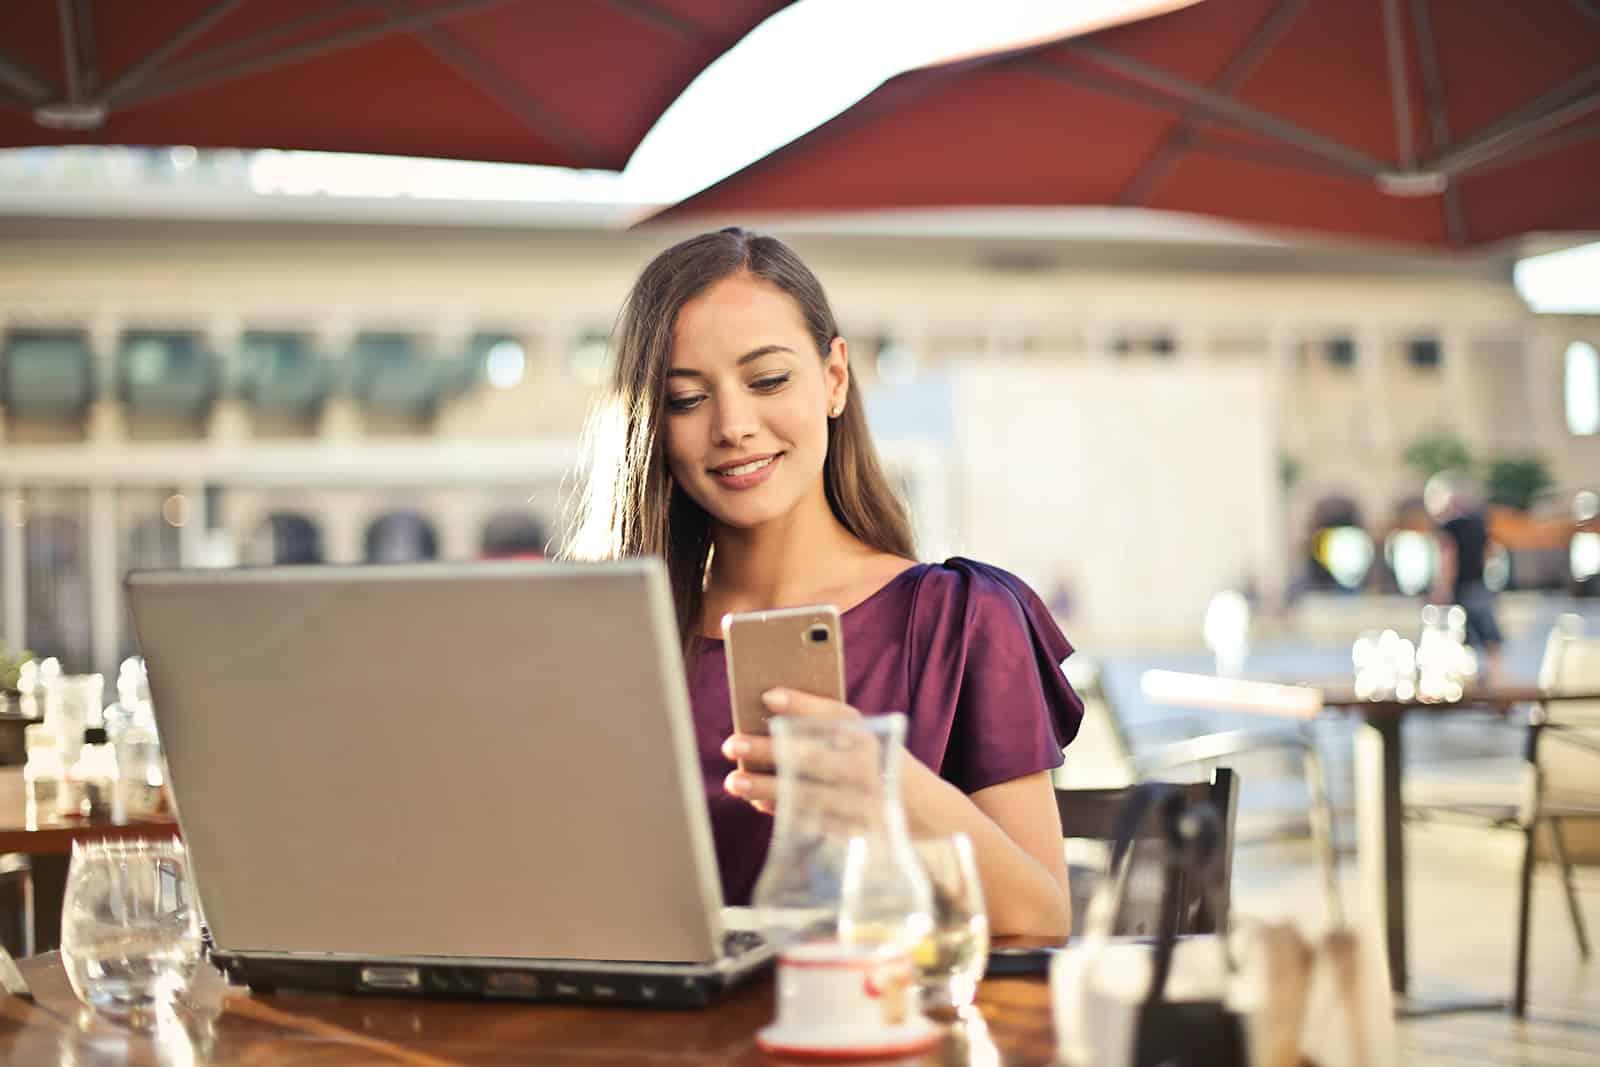 lächelnde Frau, die eine Nachricht auf ihrem Smartphone liest, während sie im Café sitzt